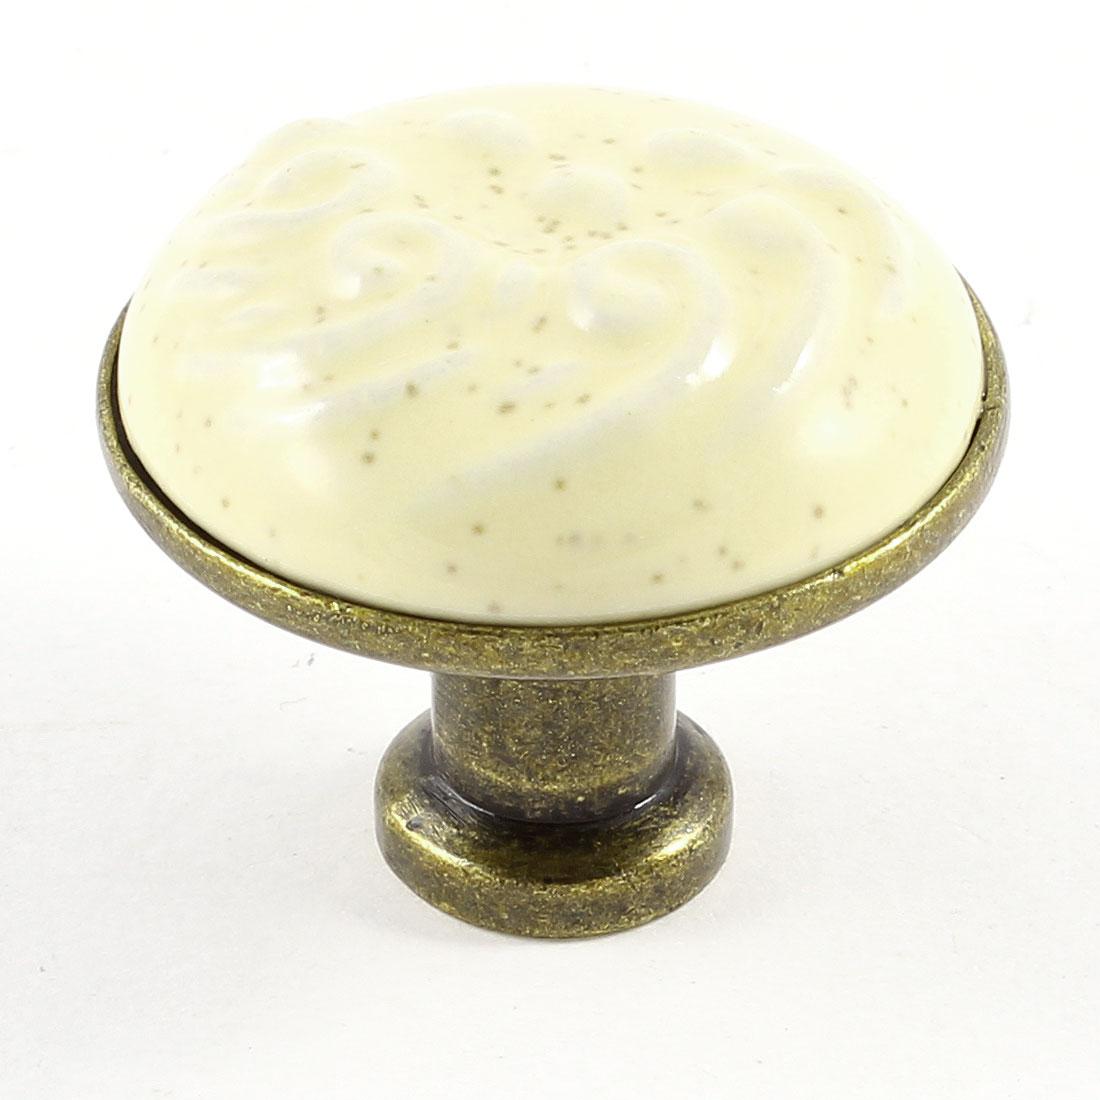 Household Embossed Beige Rounded Ceramic Cupboard Door Drawer Knob Pull Handle